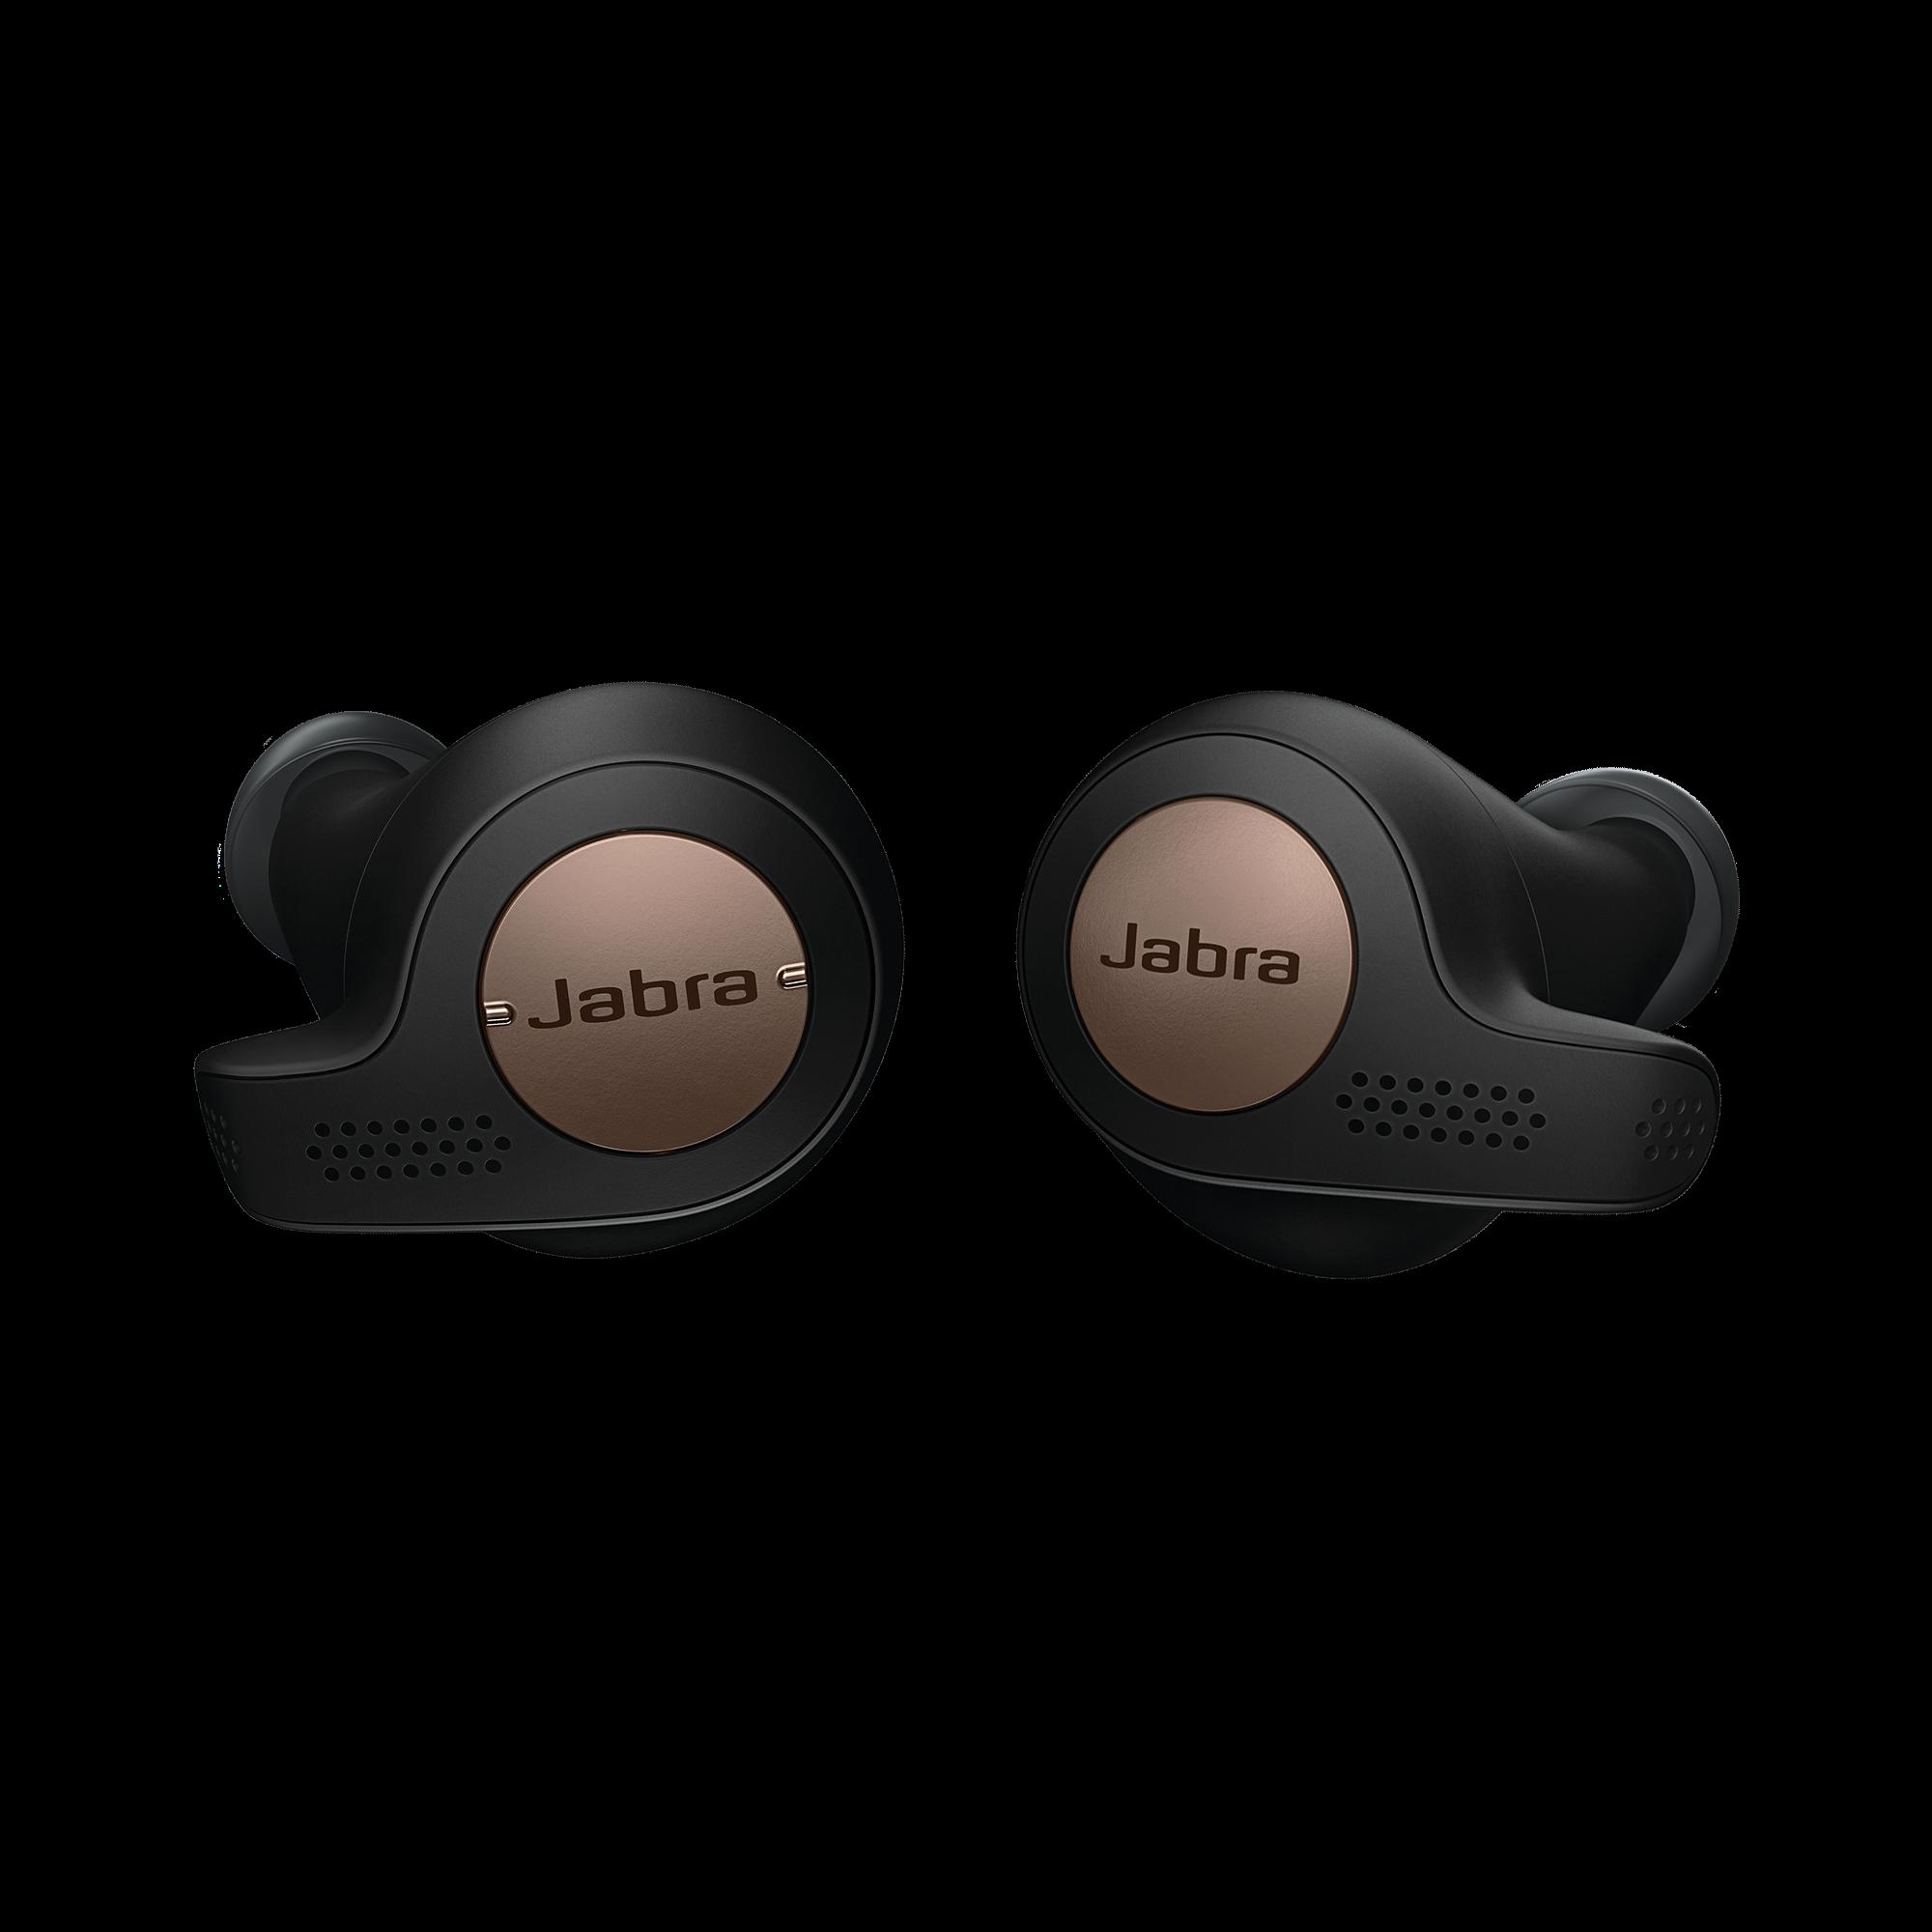 Jabra Elite Active 65t - Amazon Edition